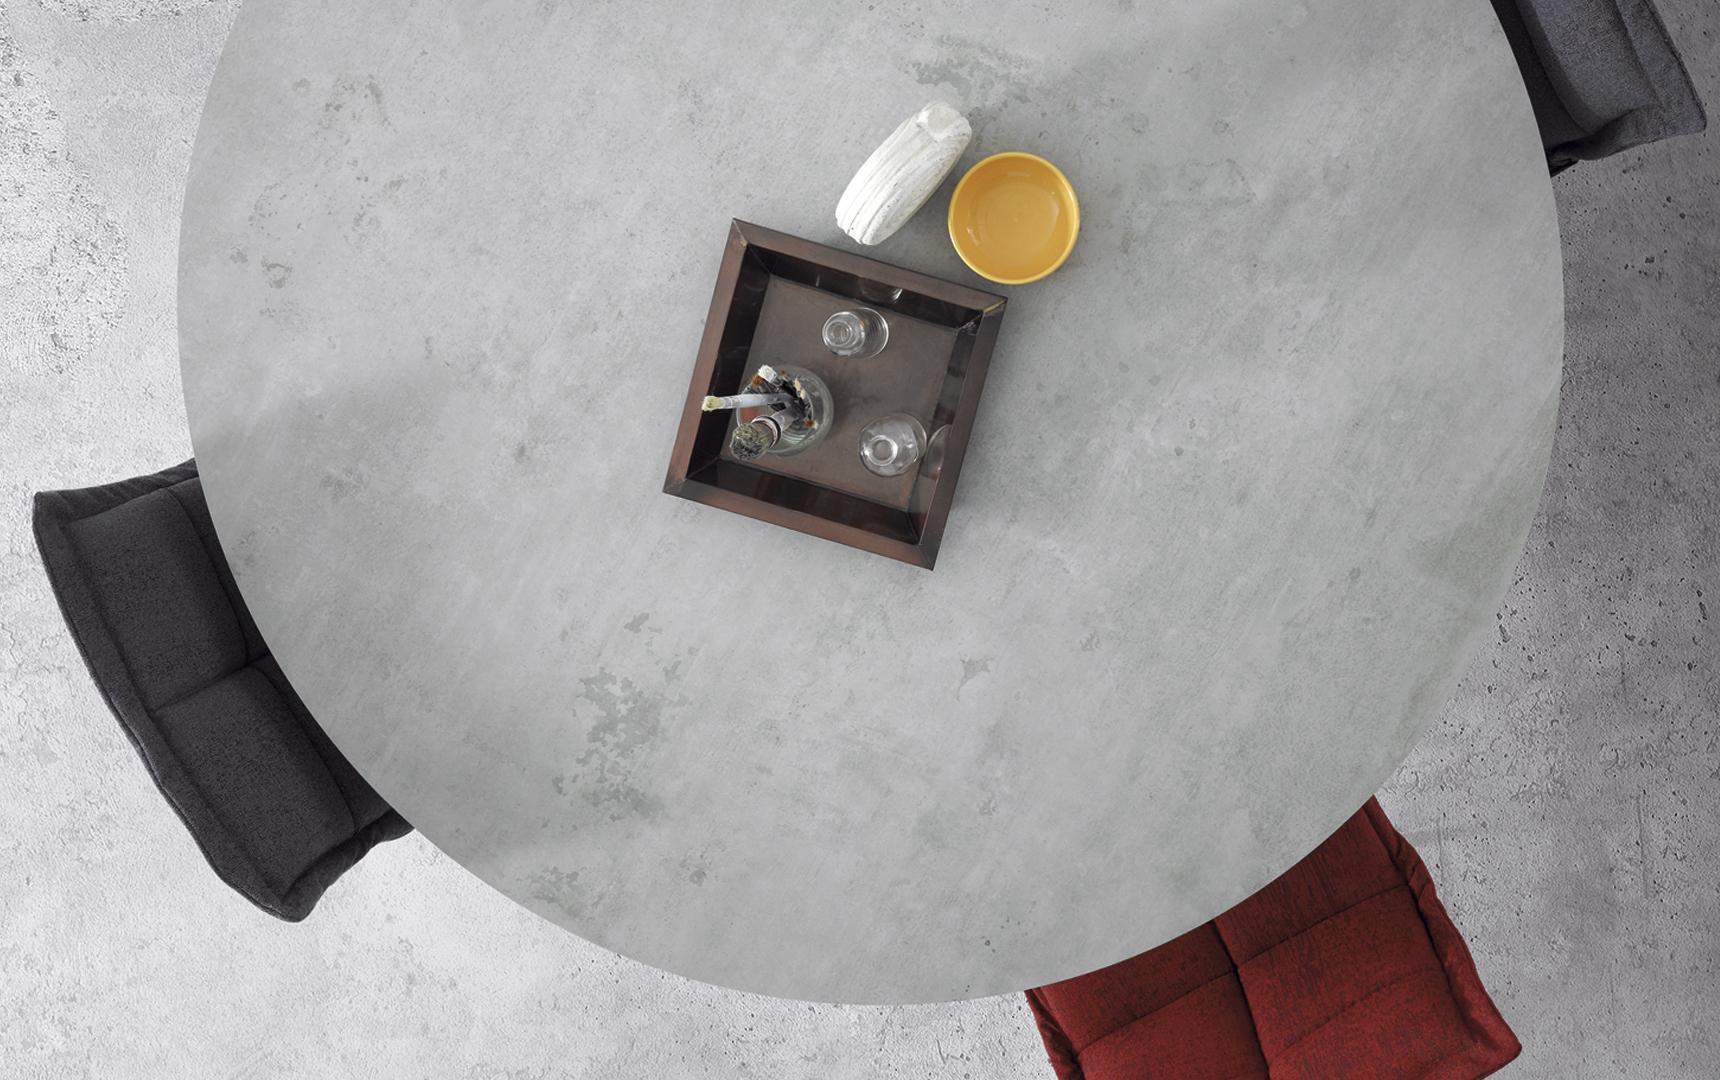 idee per tavoli micunco stone design6